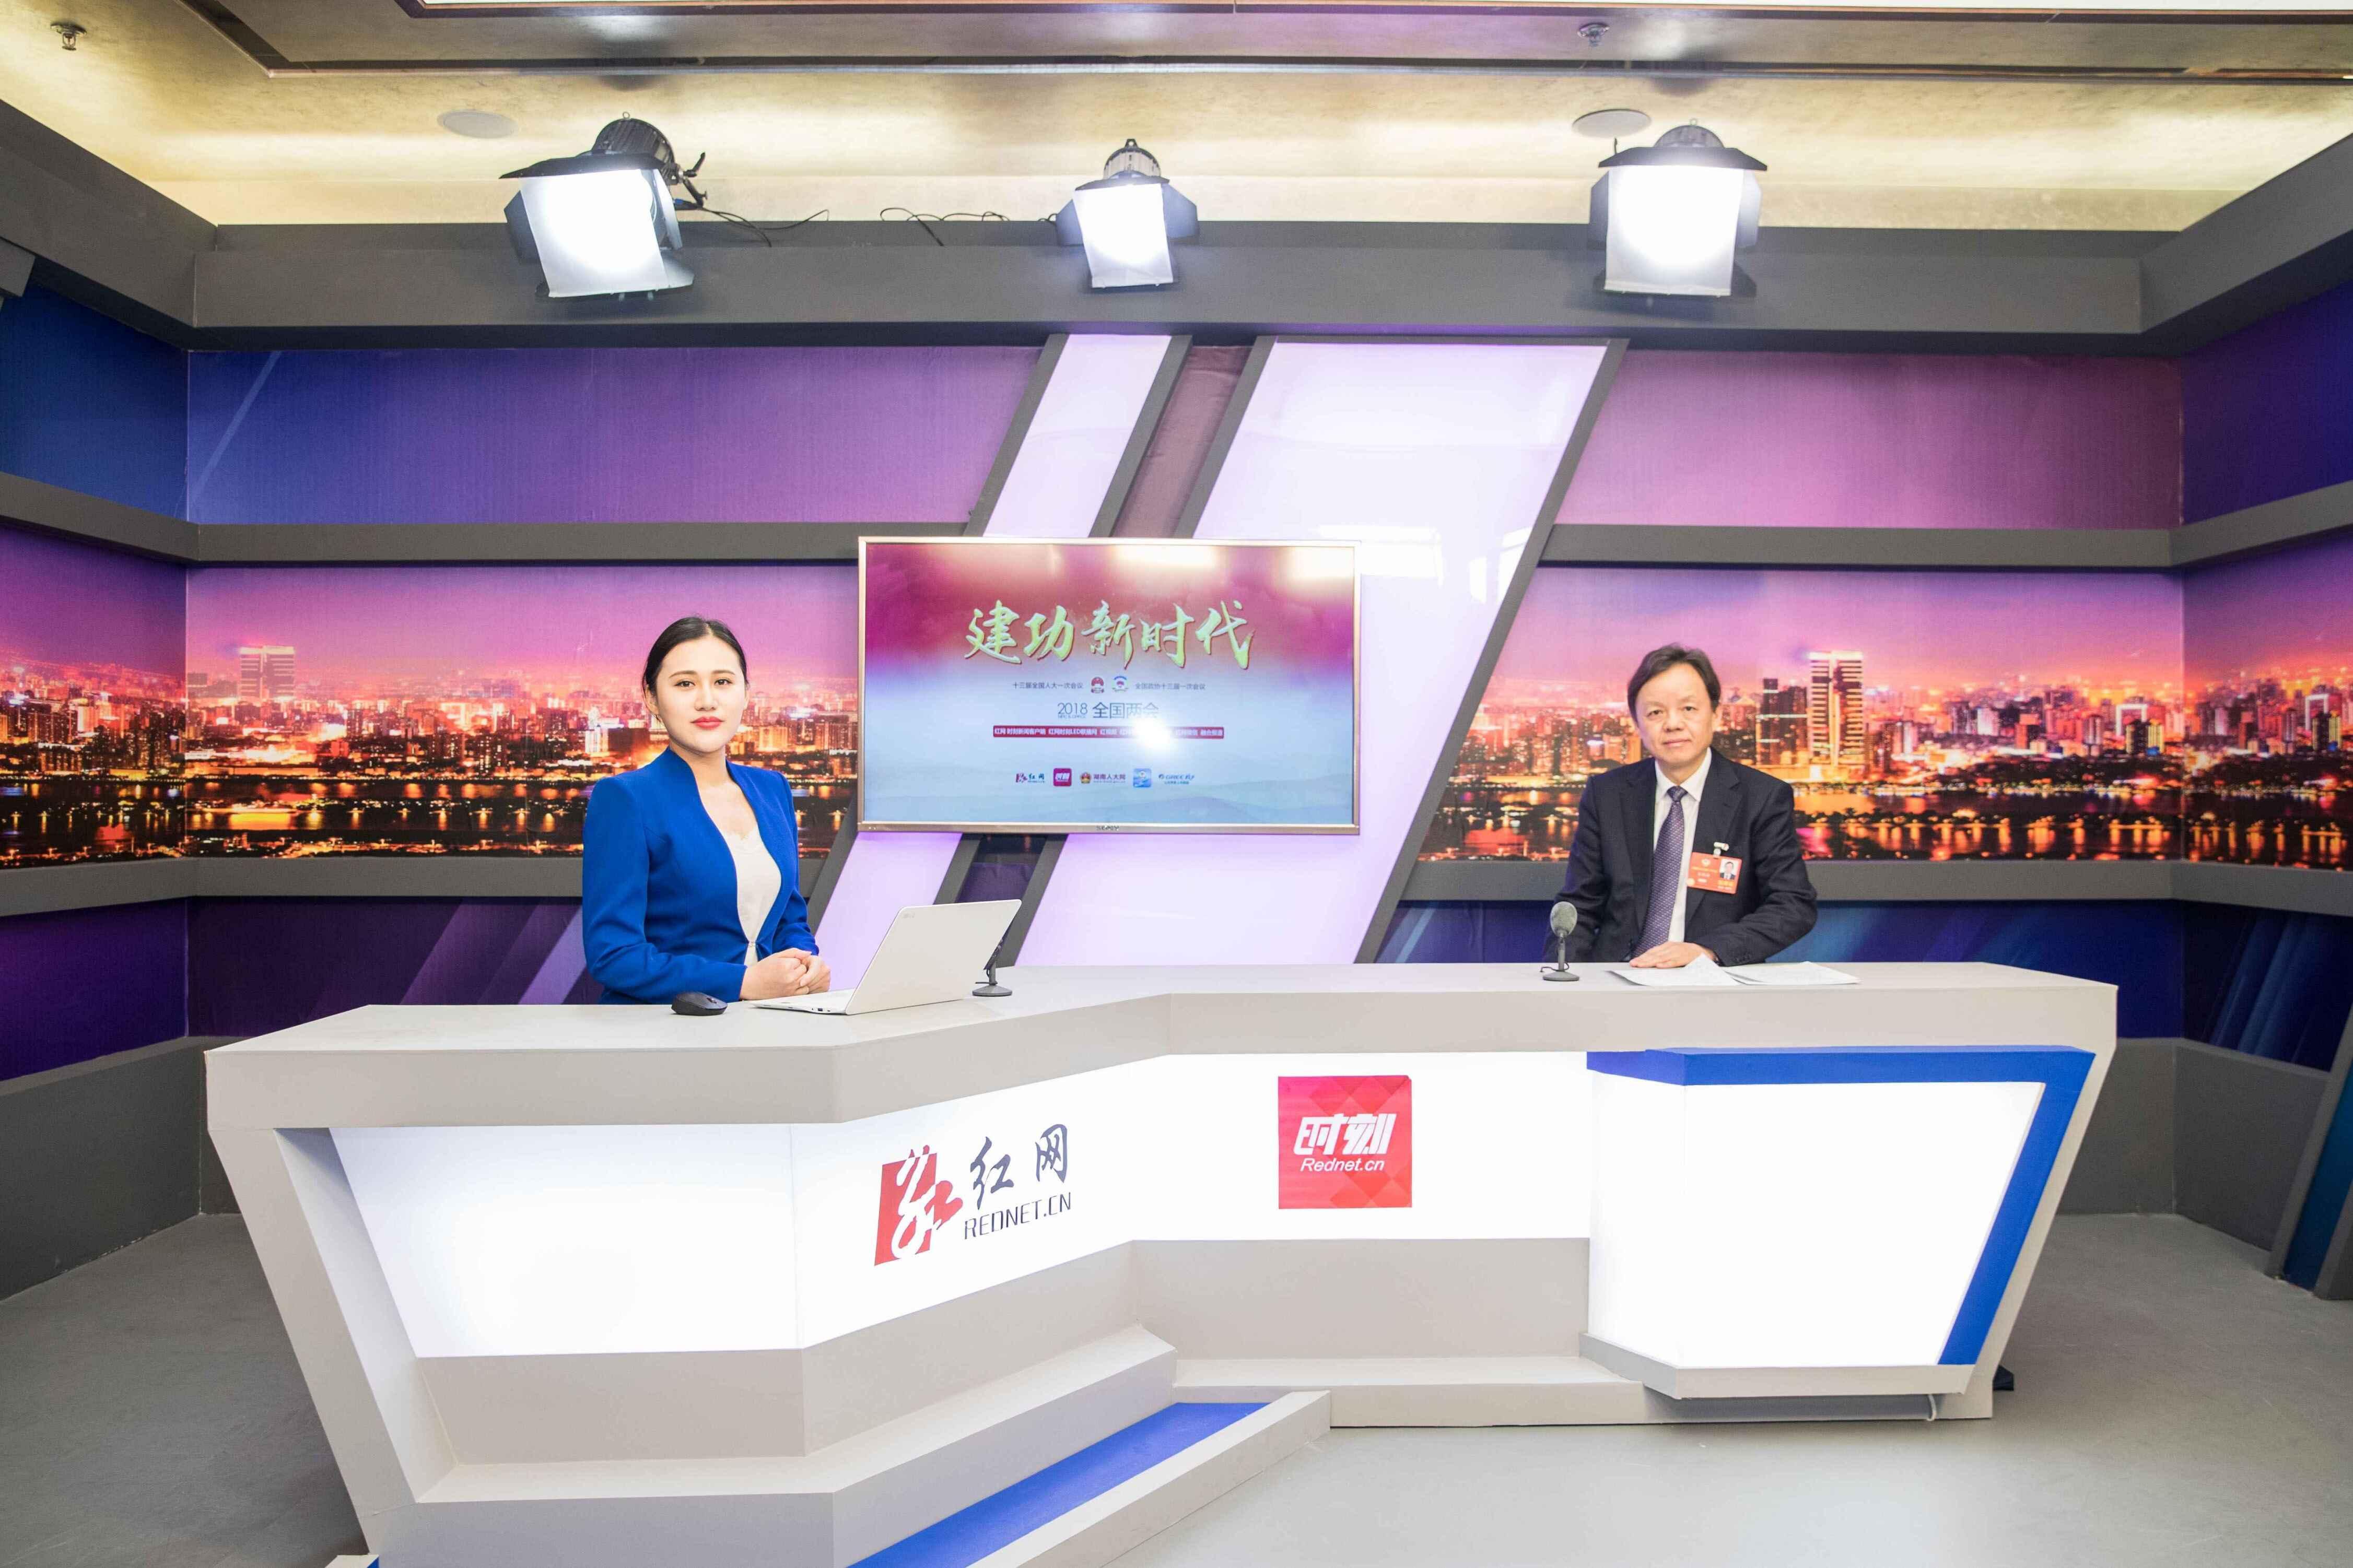 【嘉宾访谈】王国海:盘活金融资源 助推区域协调发展